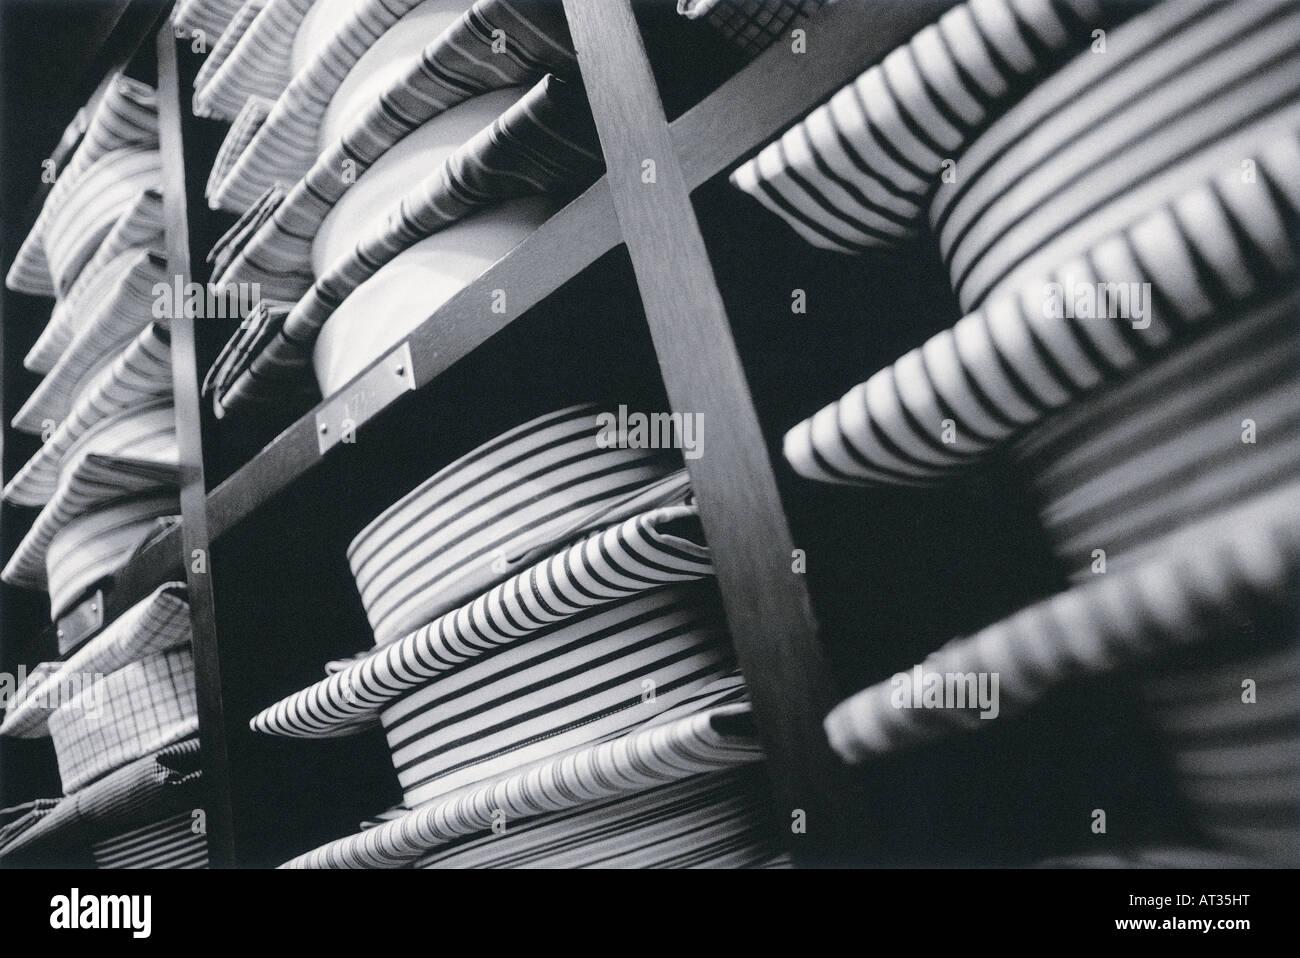 Chemises pliées en exposition dans un magasin Photo Stock